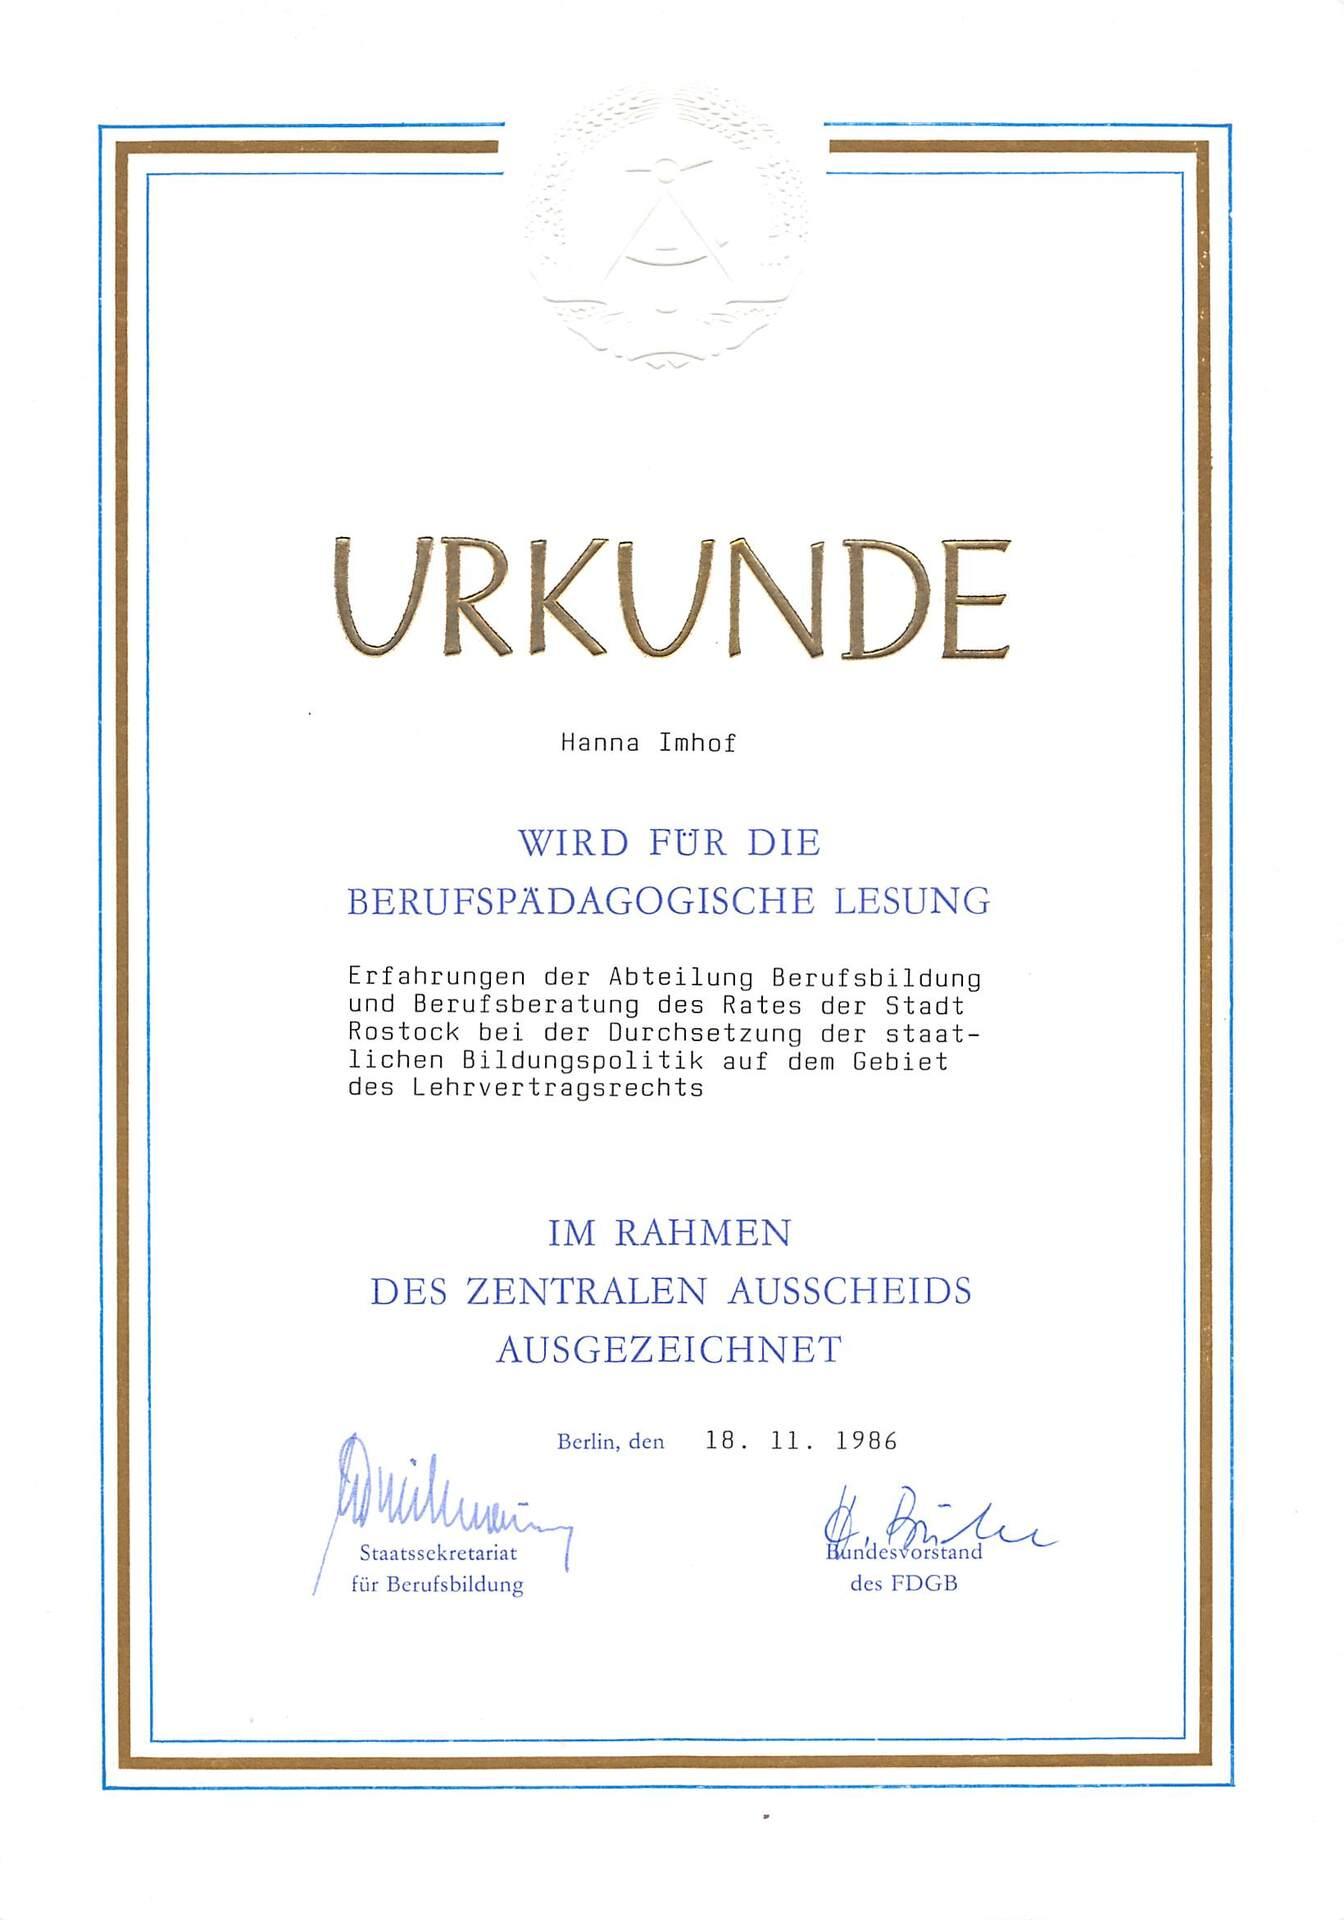 00060_Urkunde Berufspädagogische Lesung Hanna Imhof_national_Seite_1.jpg